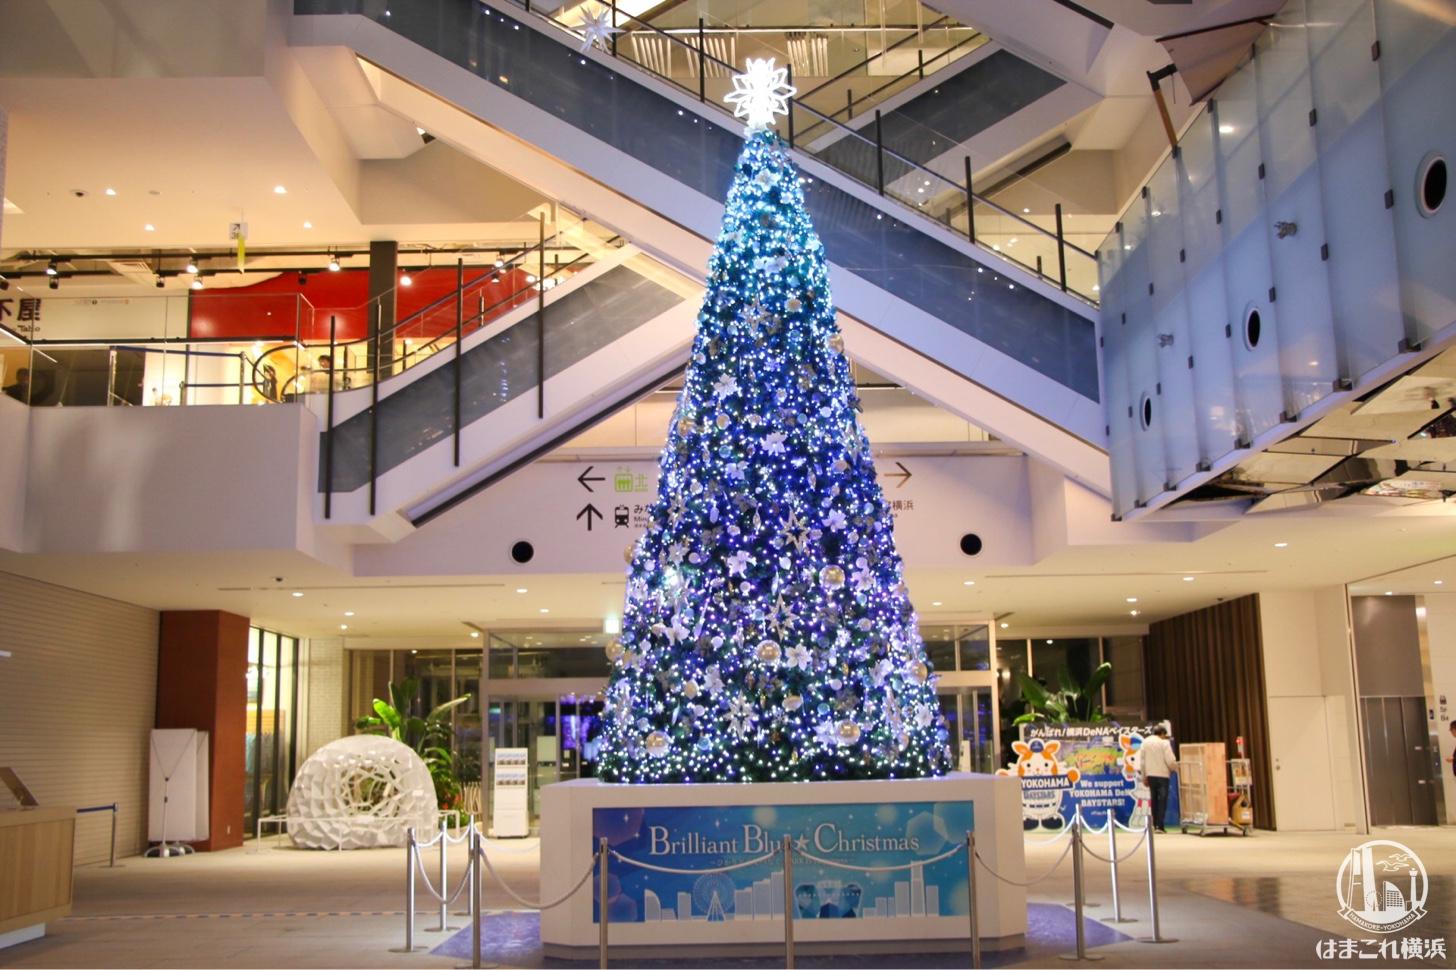 マークイズ みなとみらい クリスマスツリー